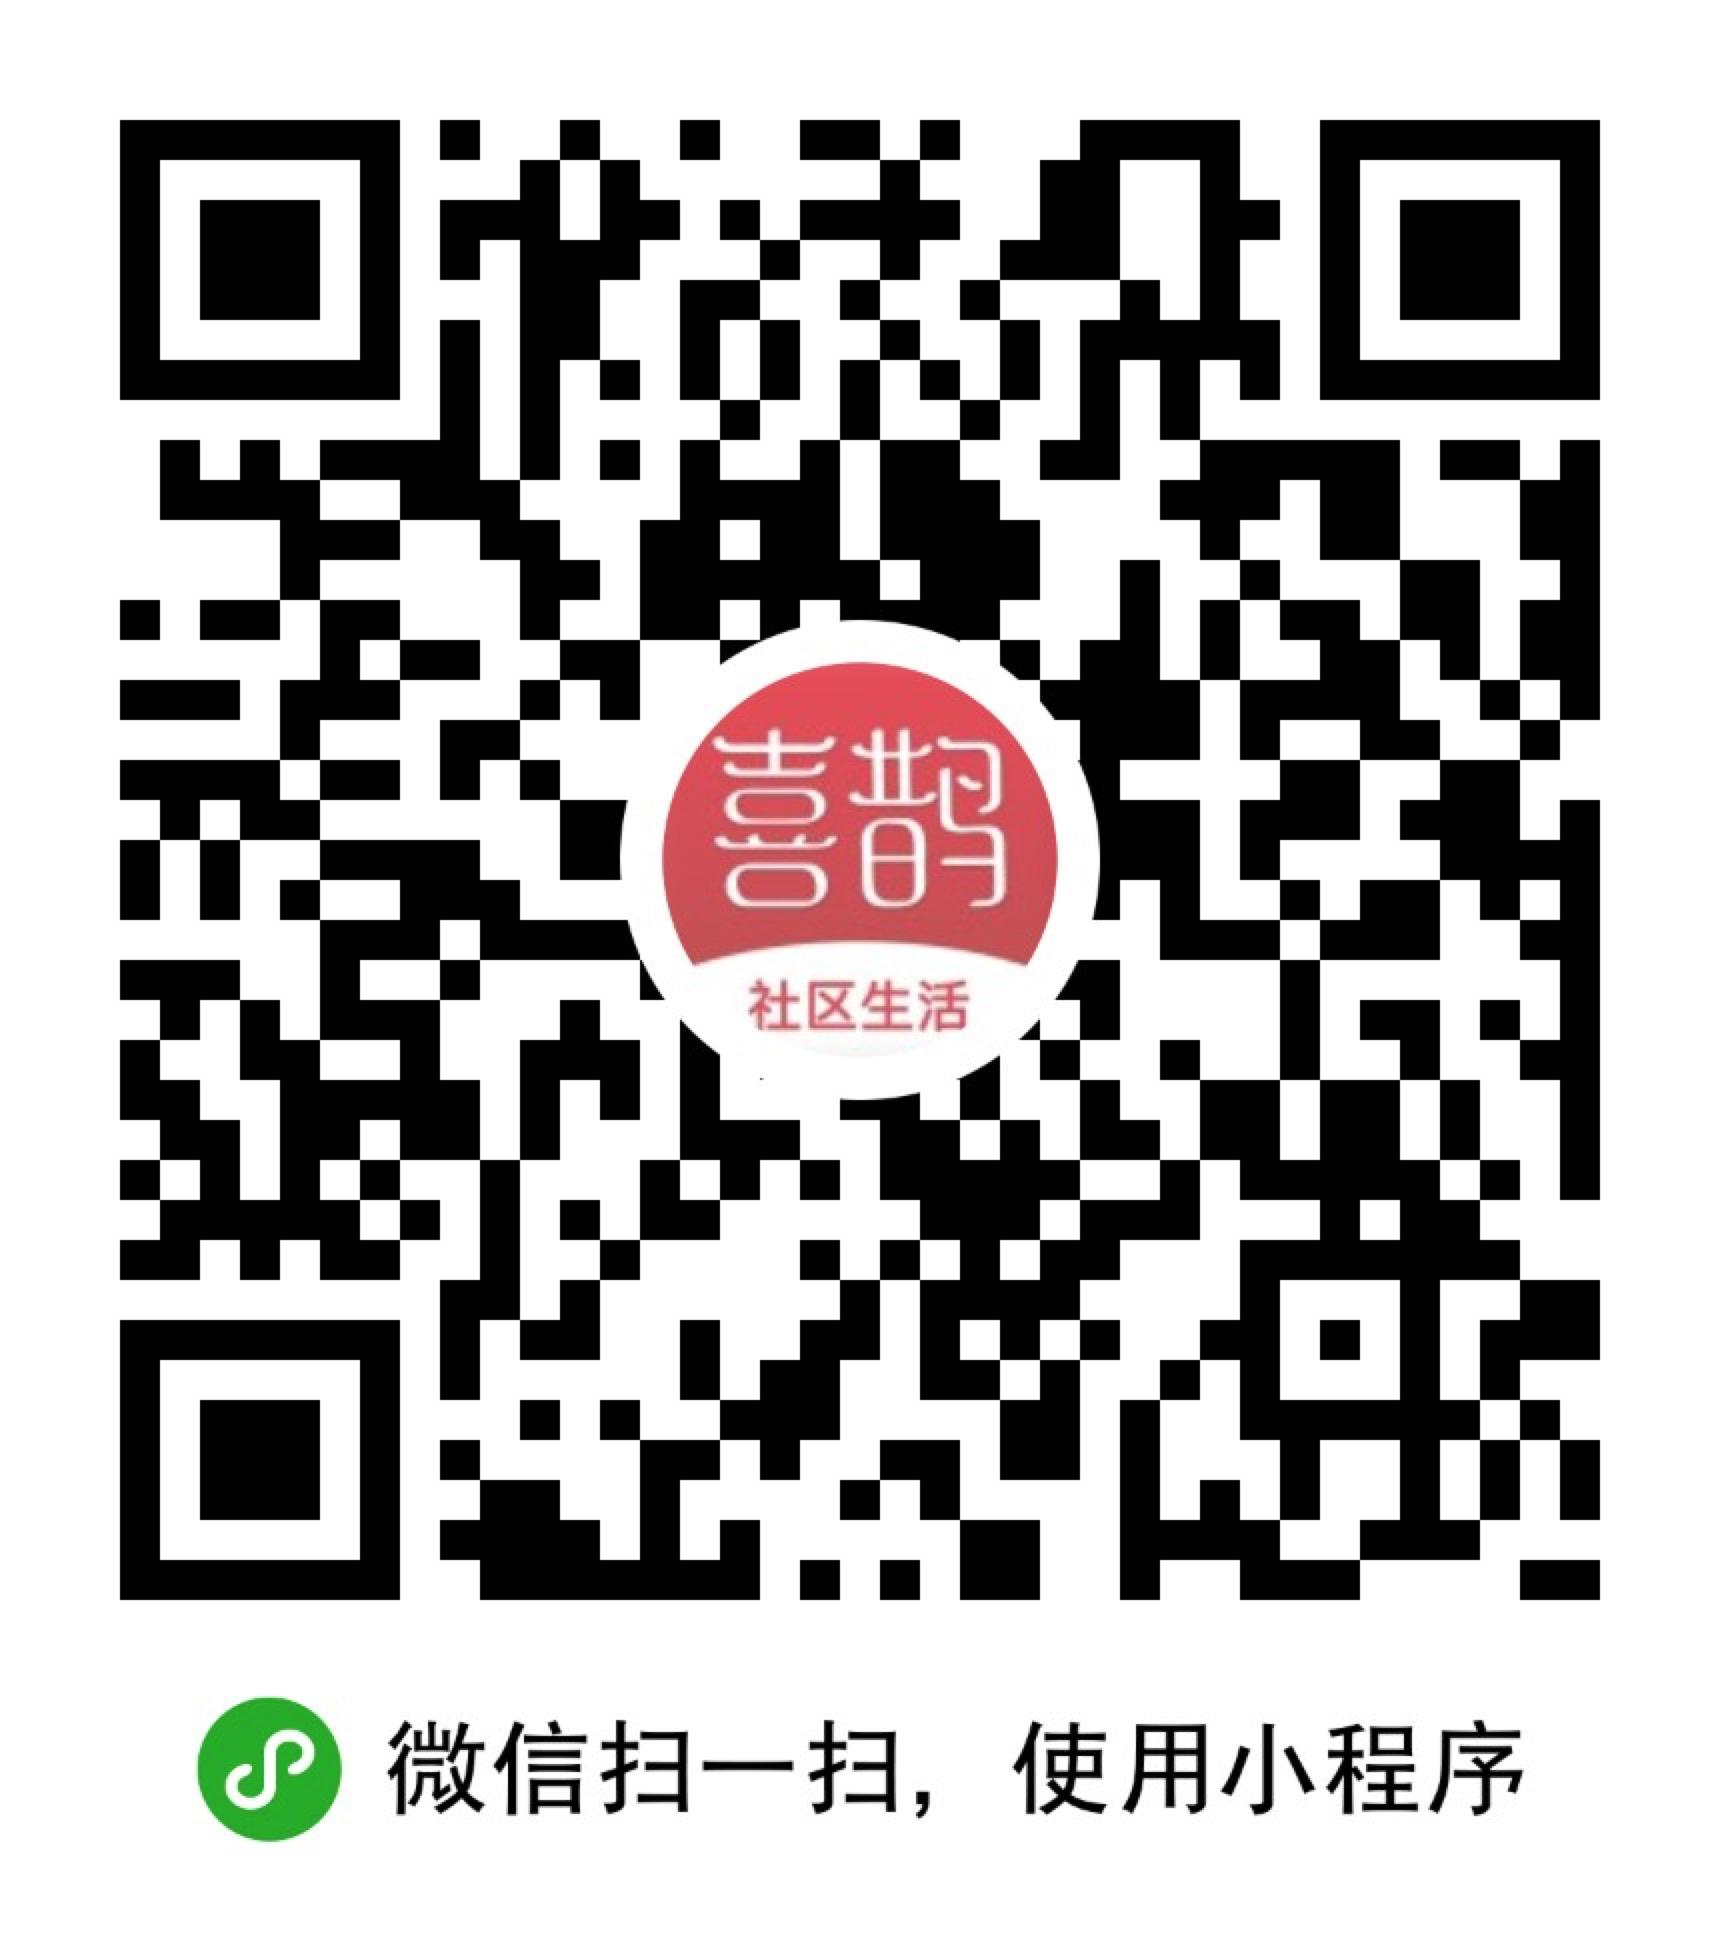 喜鹊社区app二维码